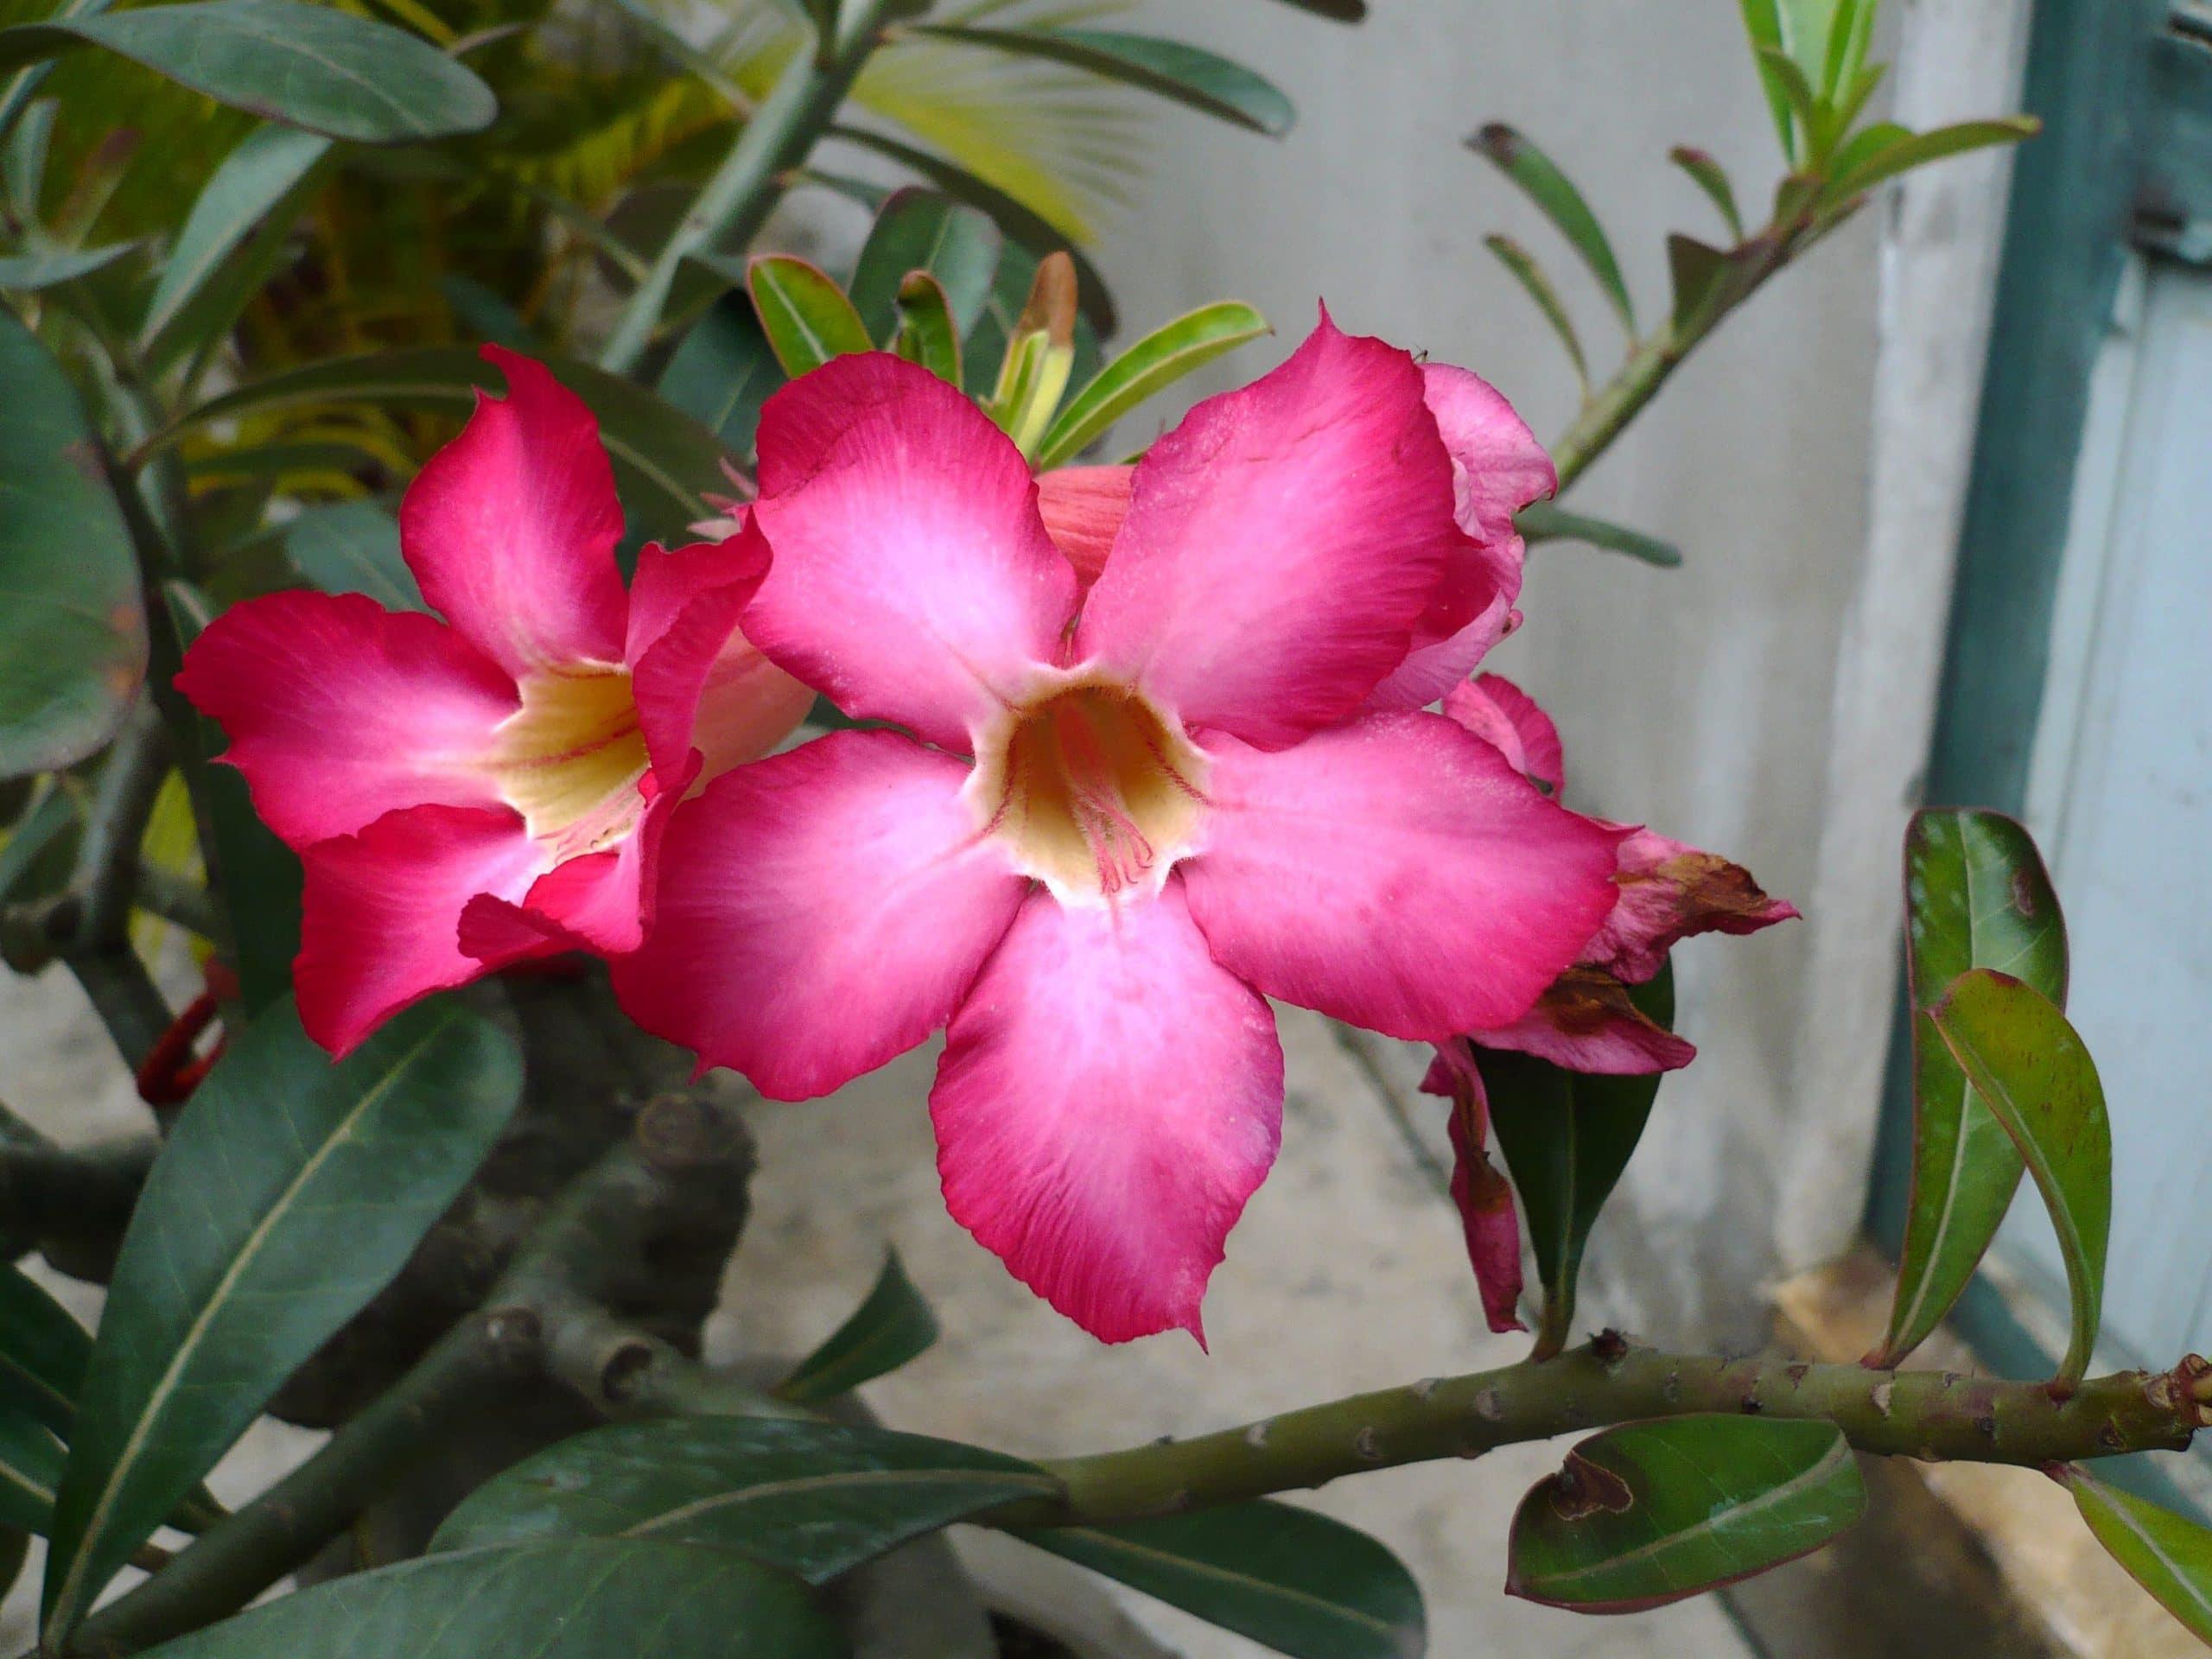 Qu son y c mo se cuidan las plantas con caudex for Cuales son las plantas decorativas